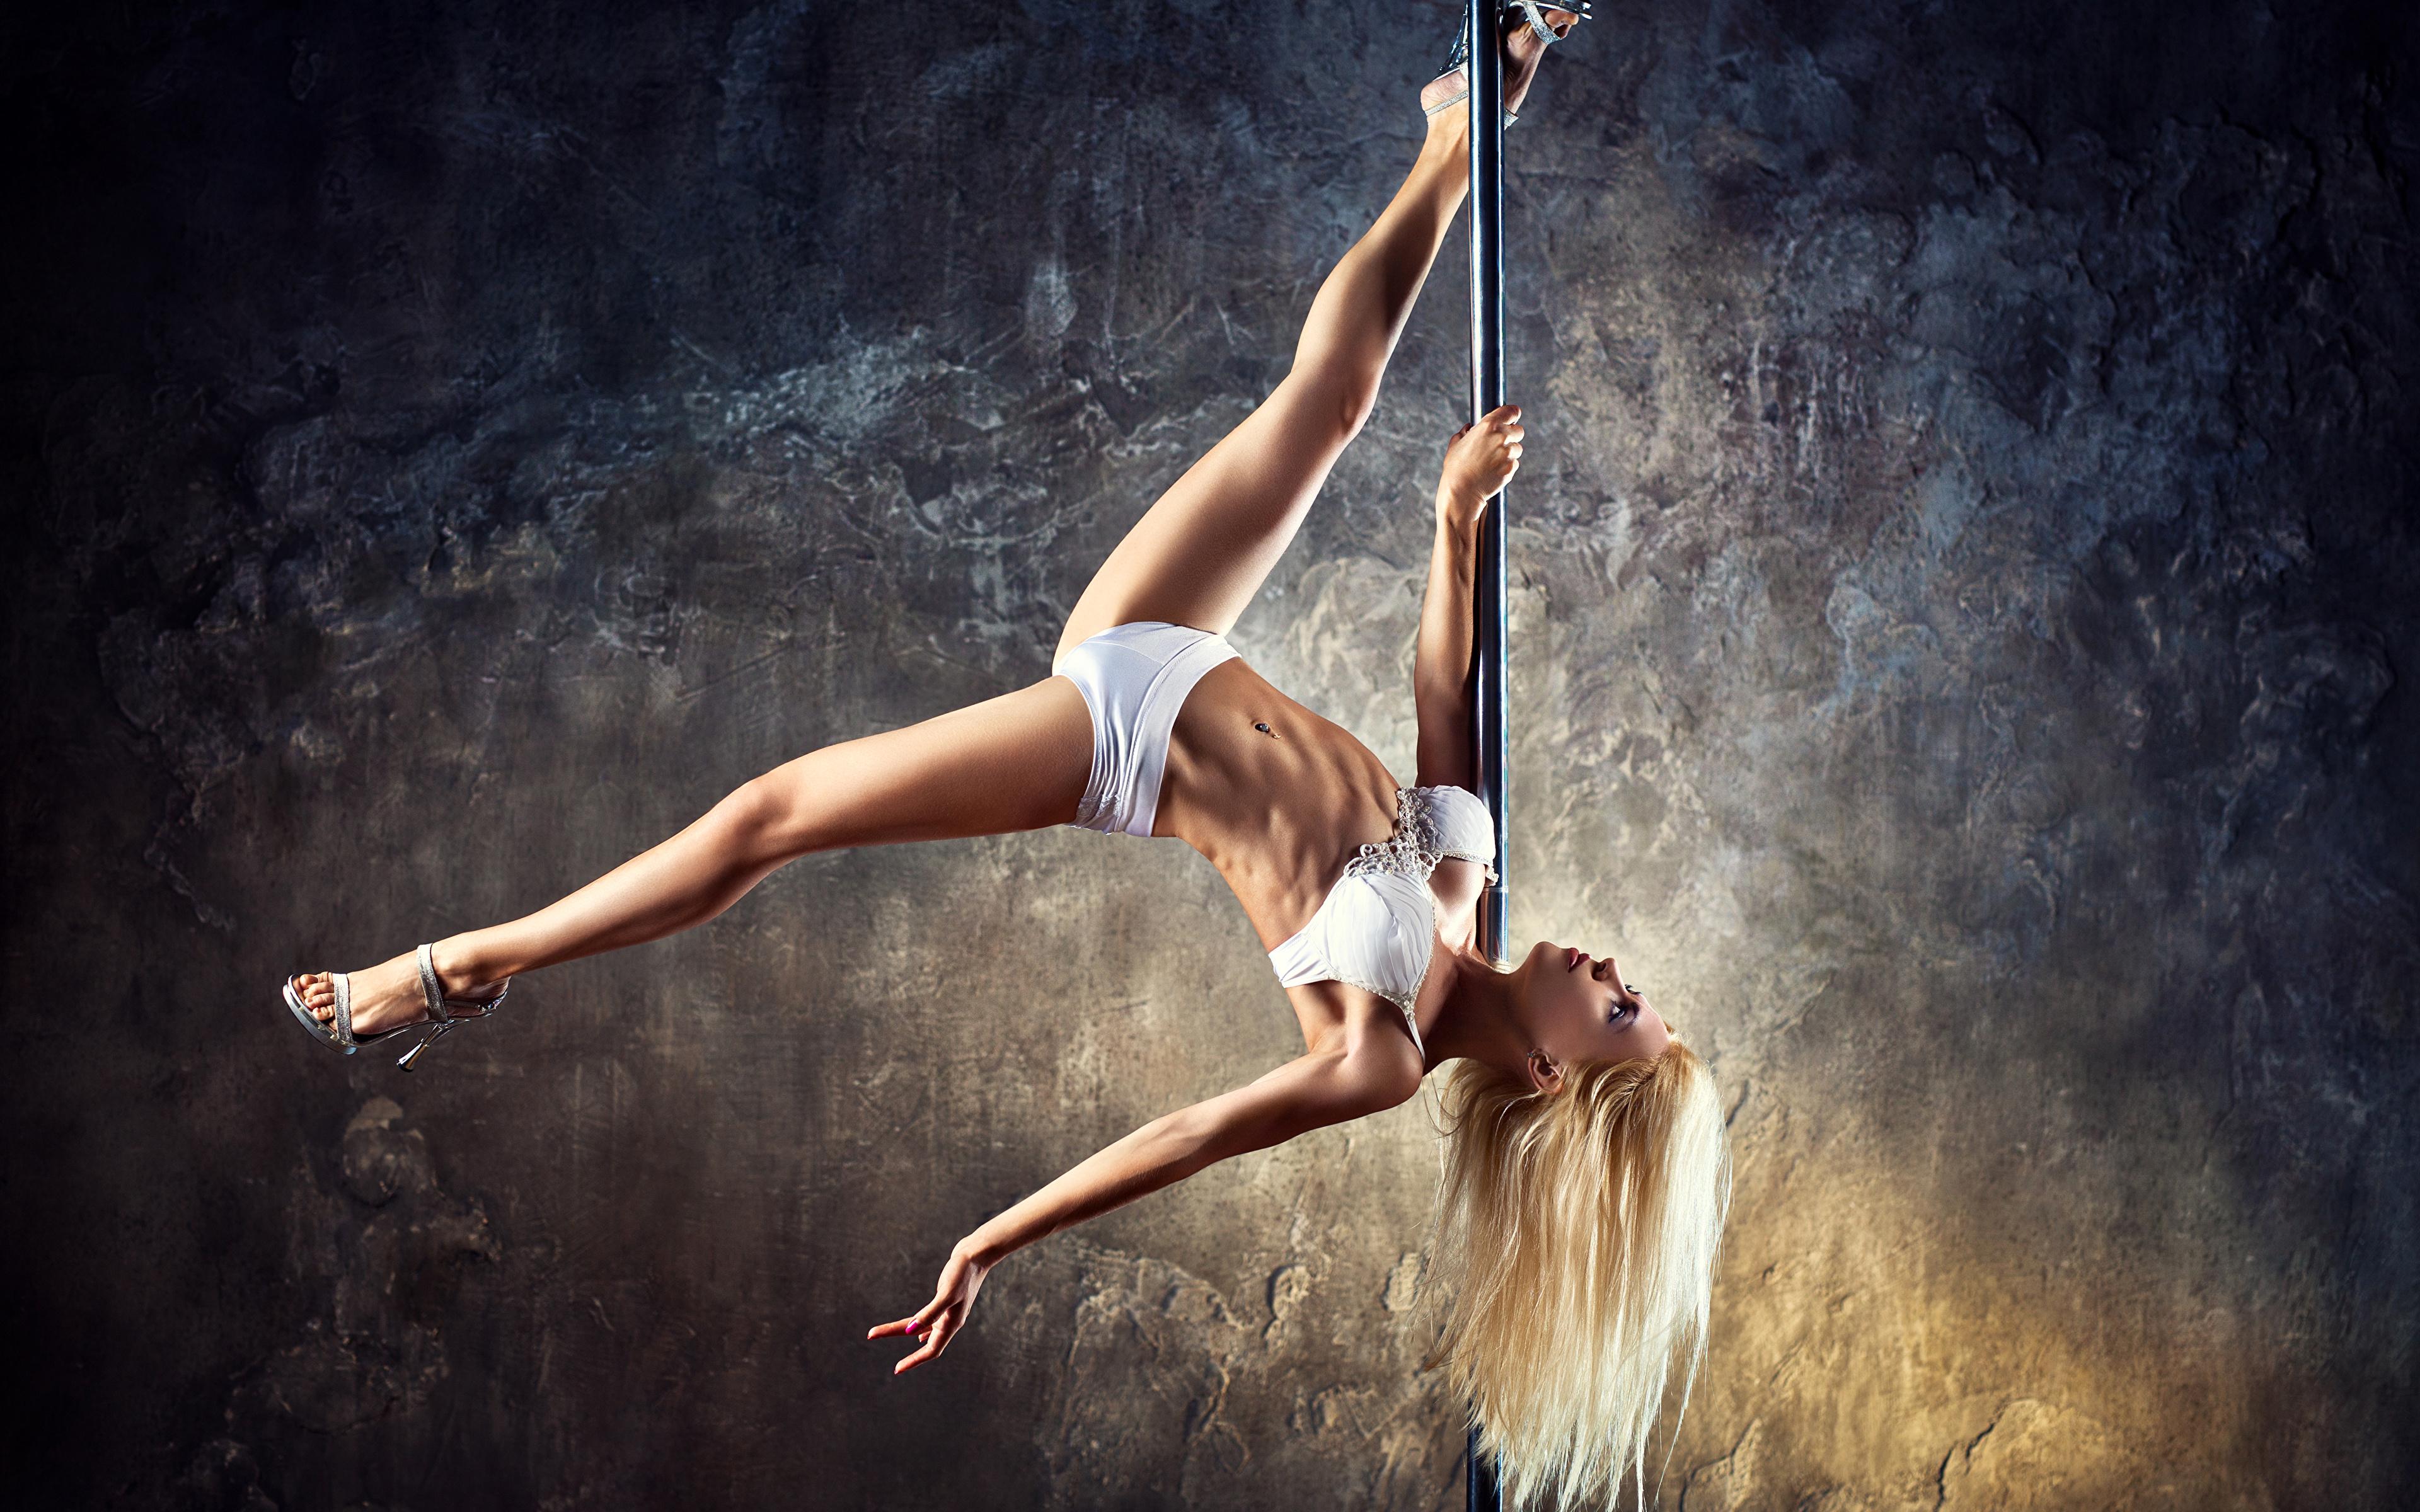 Супер голая гимнастика, Голые гимнастки: смотреть русское порно видео онлайн 22 фотография